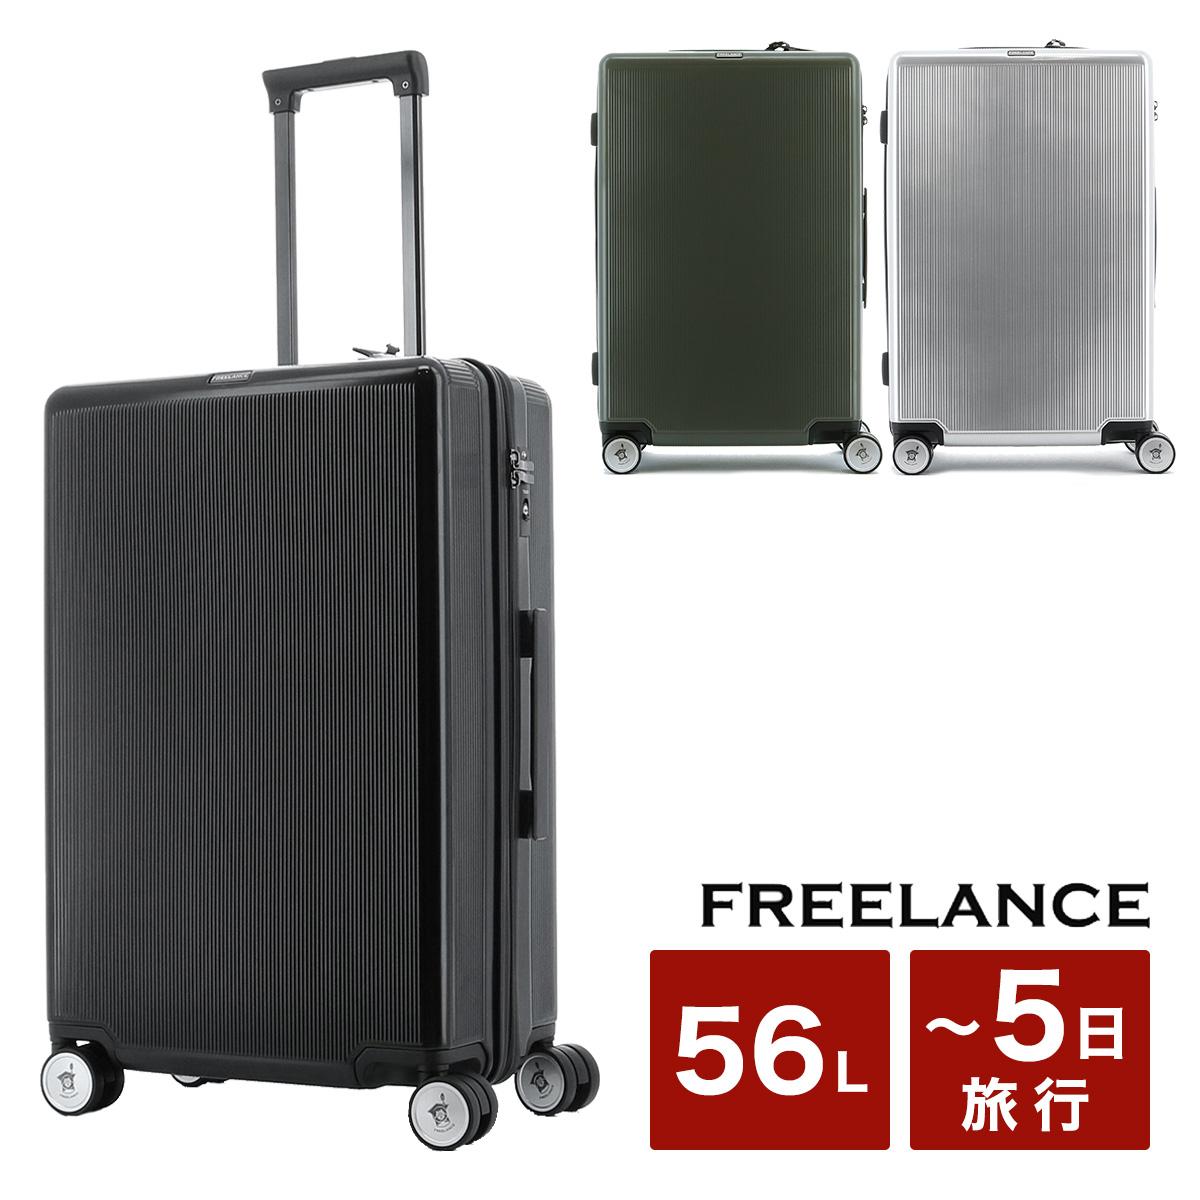 フリーランス FLEELANCE スーツケース FLT-004 61.5cm 【 キャリーケース ハードキャリー 軽量 TSAロック搭載 】【即日発送】